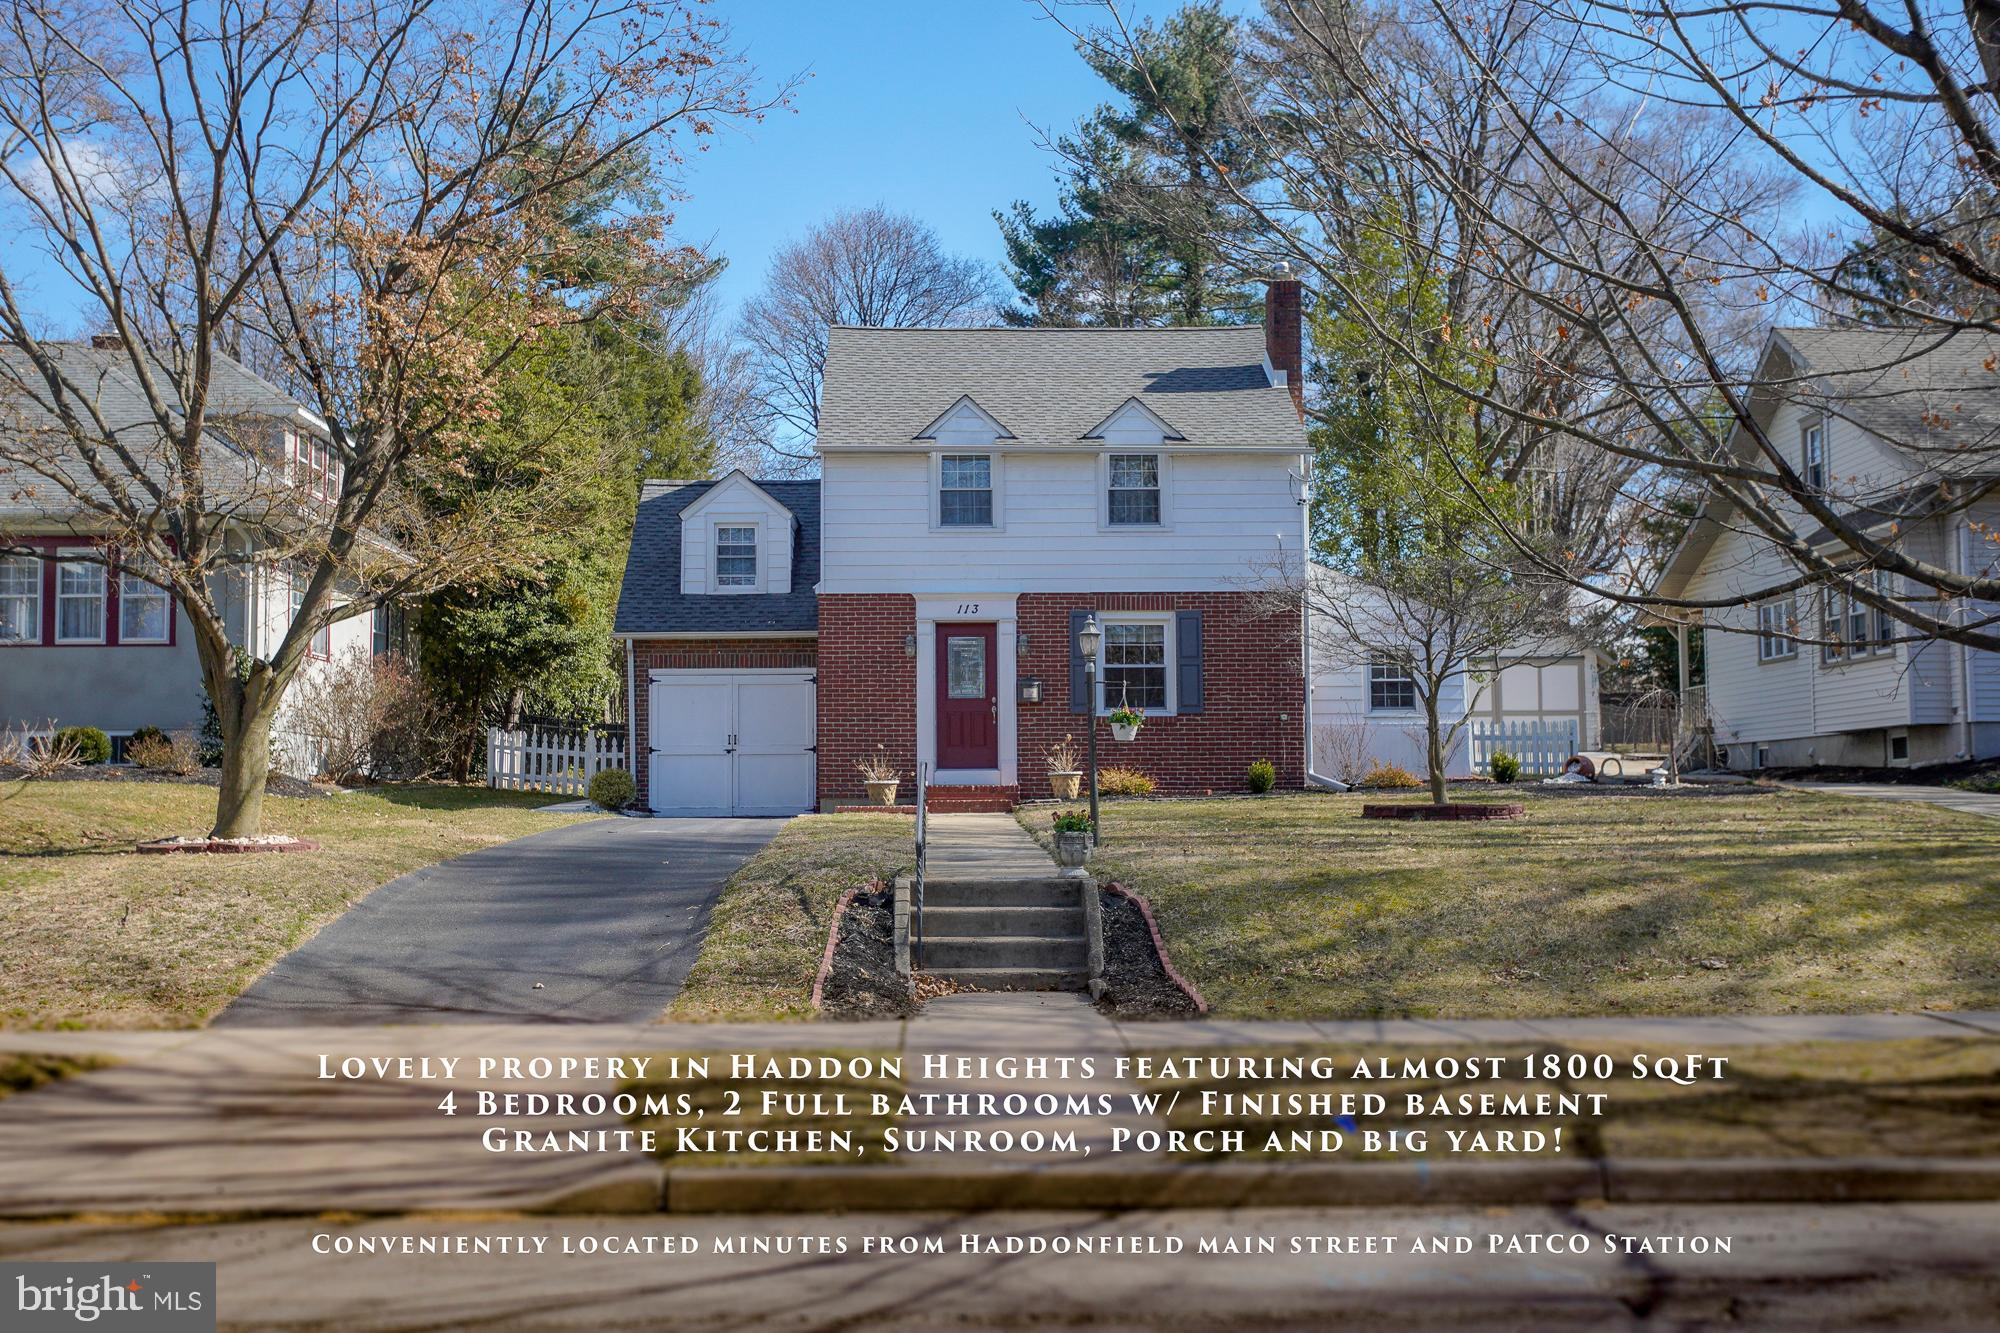 113 3RD AVENUE, HADDON HEIGHTS, NJ 08035